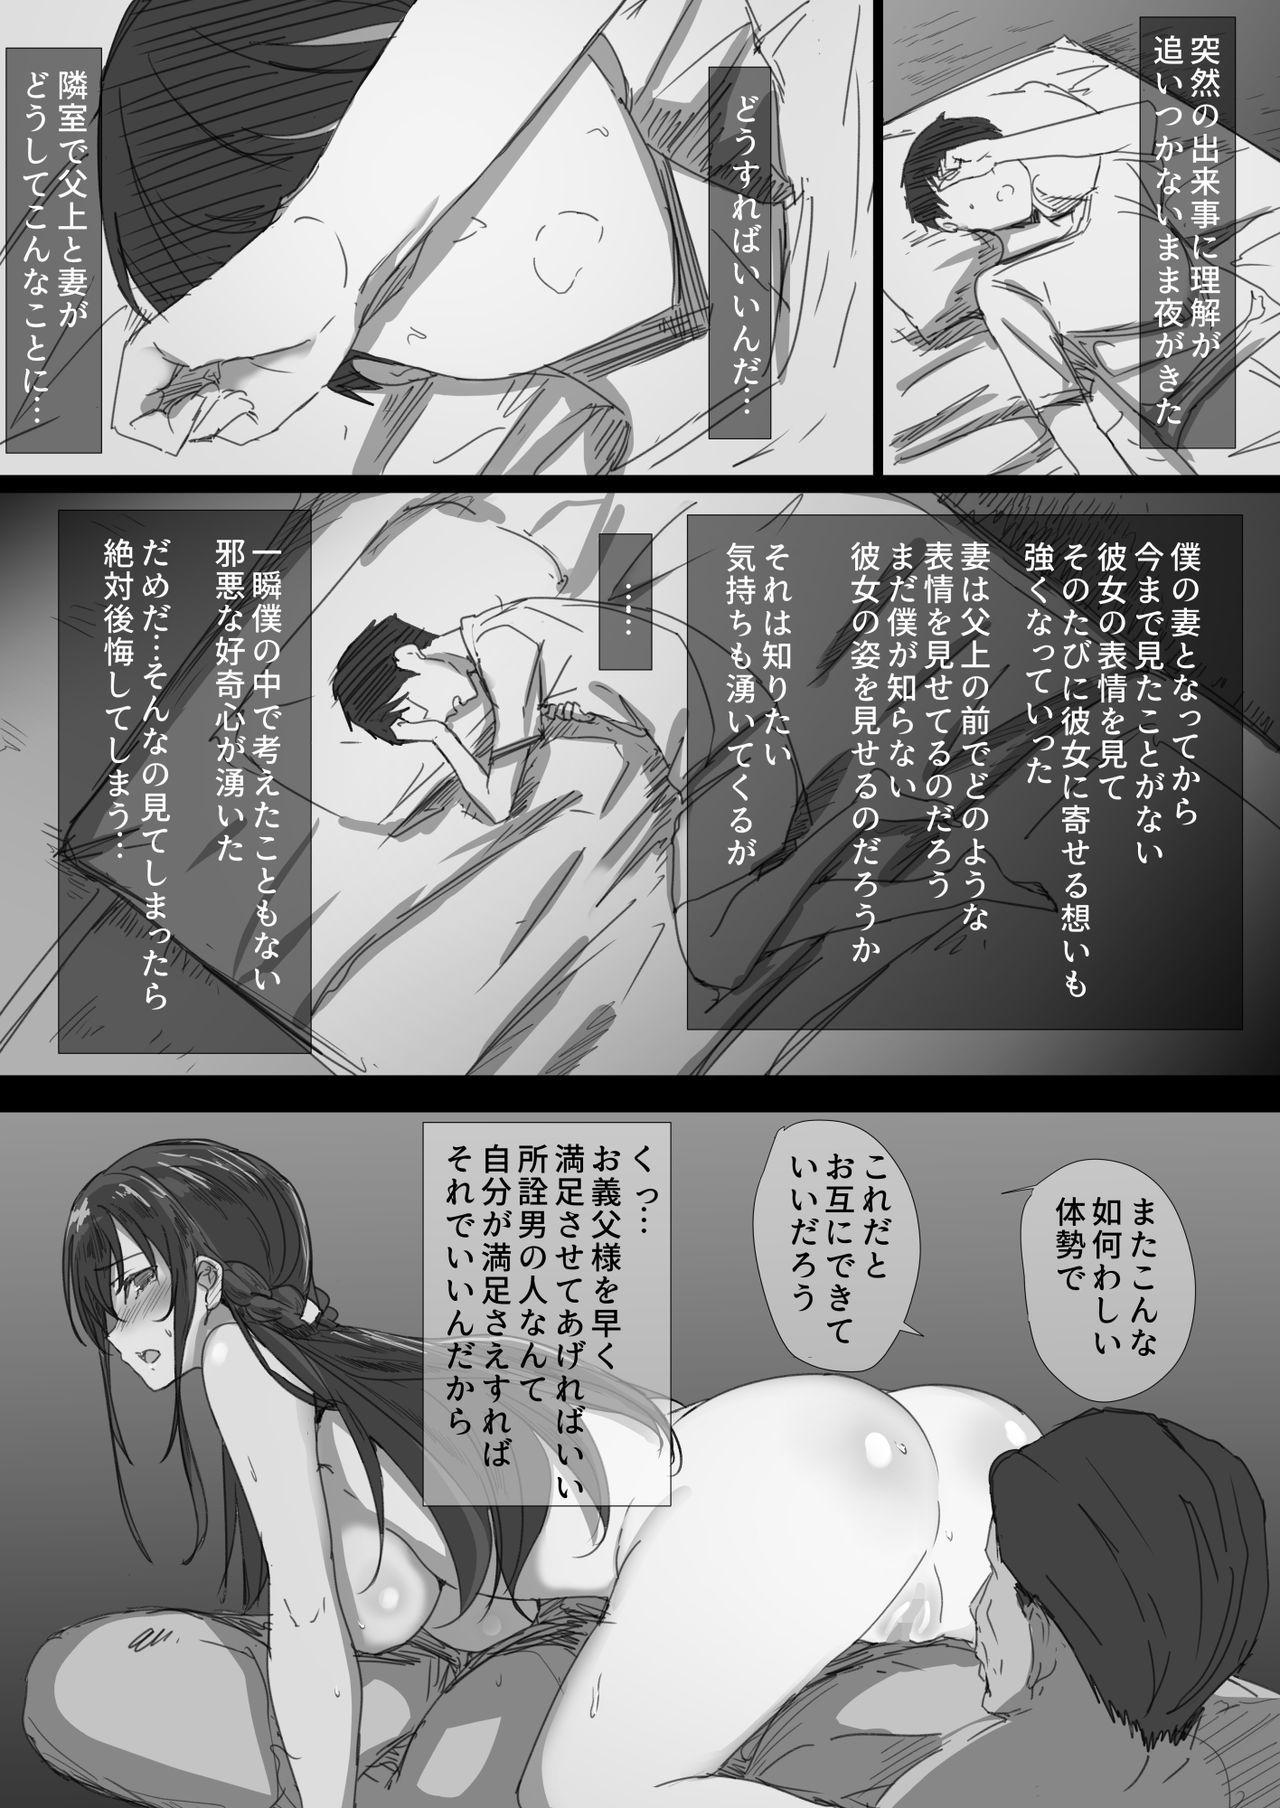 Ki ga Tsuyoi Seiso na Hitozuma Reijou ga Netorareru made no Ichibu Shijuu 22